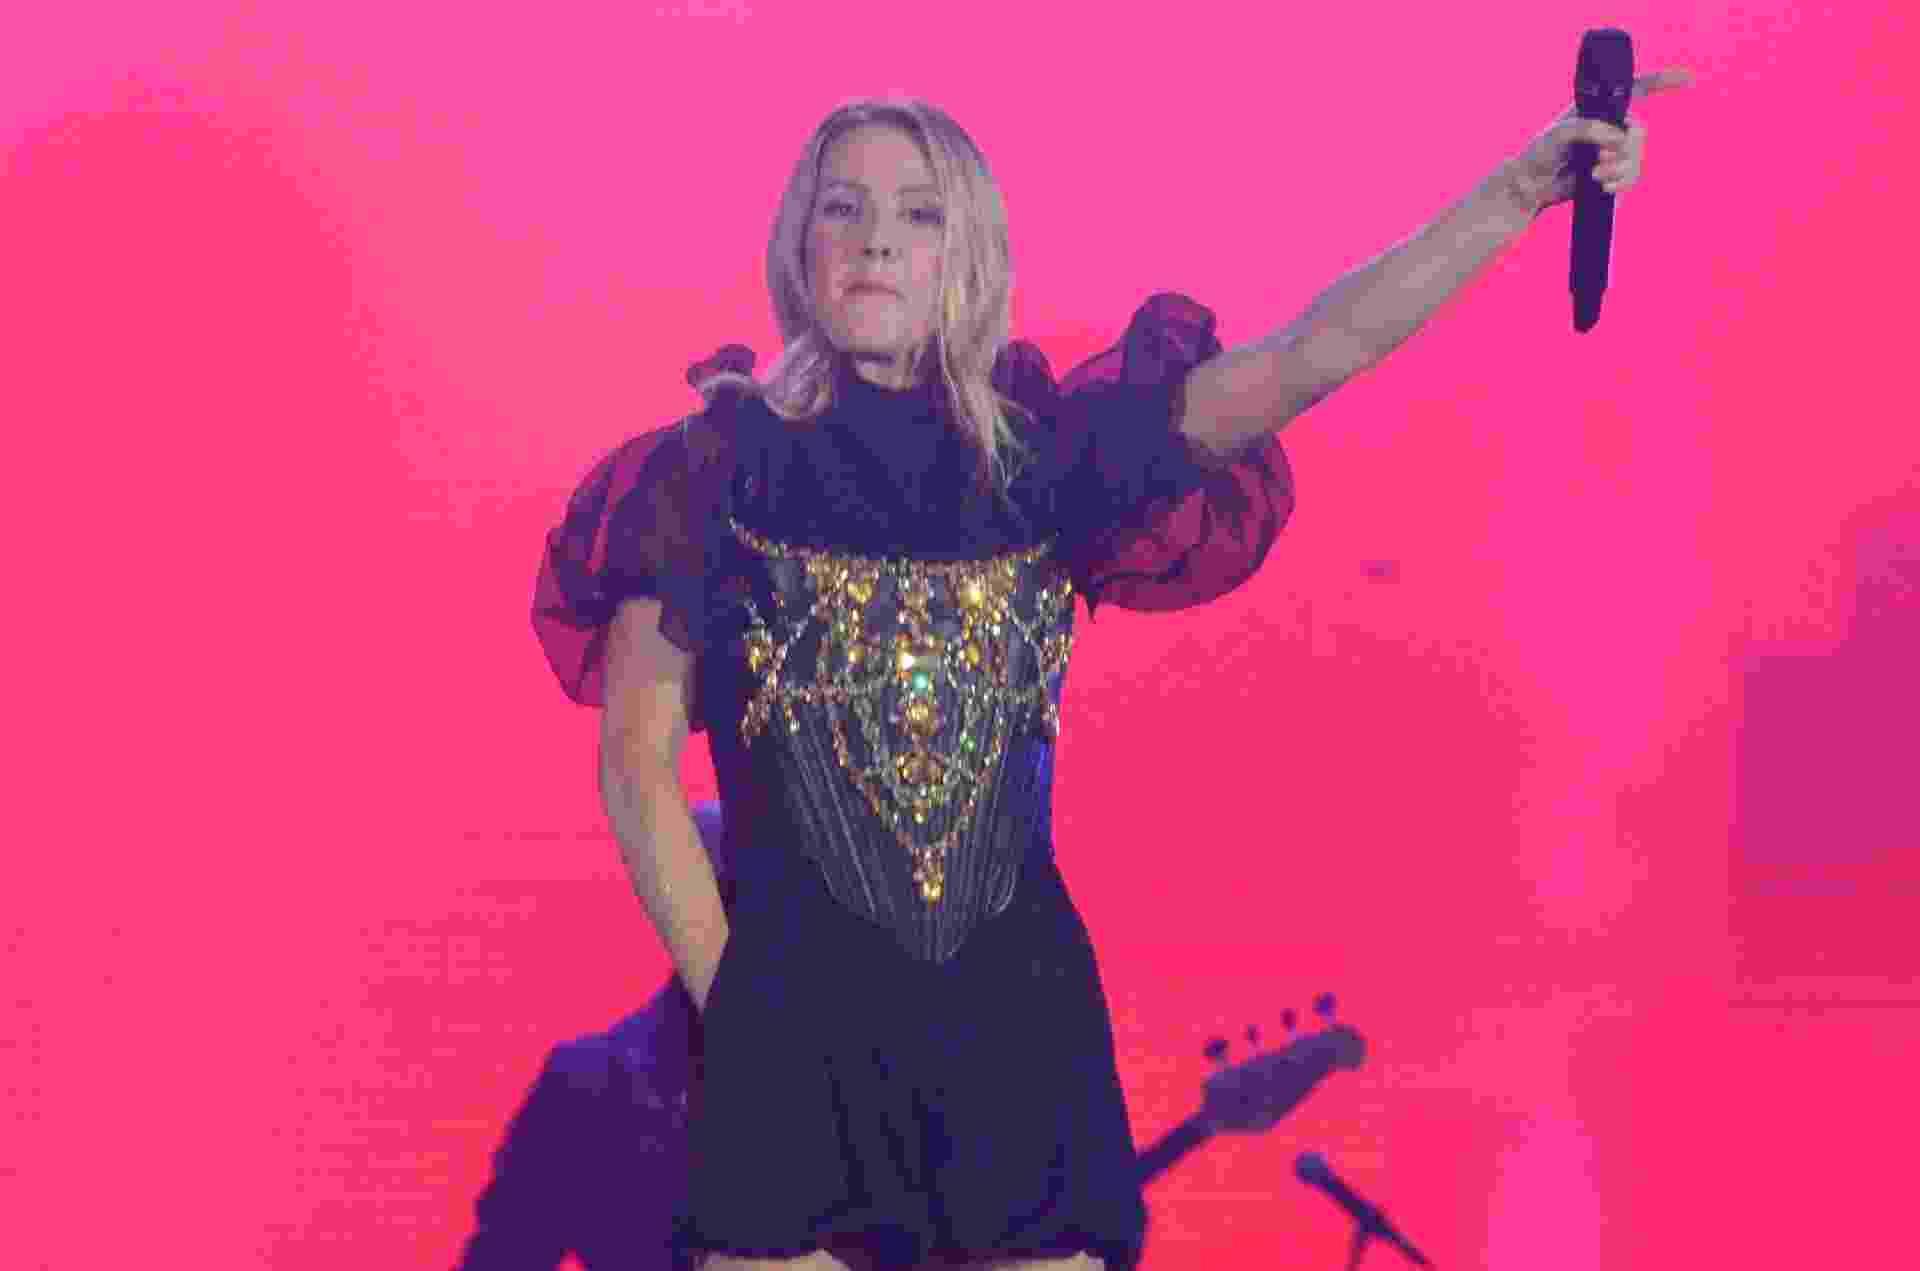 Cantora Ellie Goulding seu apresentou no palco Mundo, no primeiro dia do festival Rock in Rio - Adriano Ishibashi/FramePhoto/Estadão Conteúdo